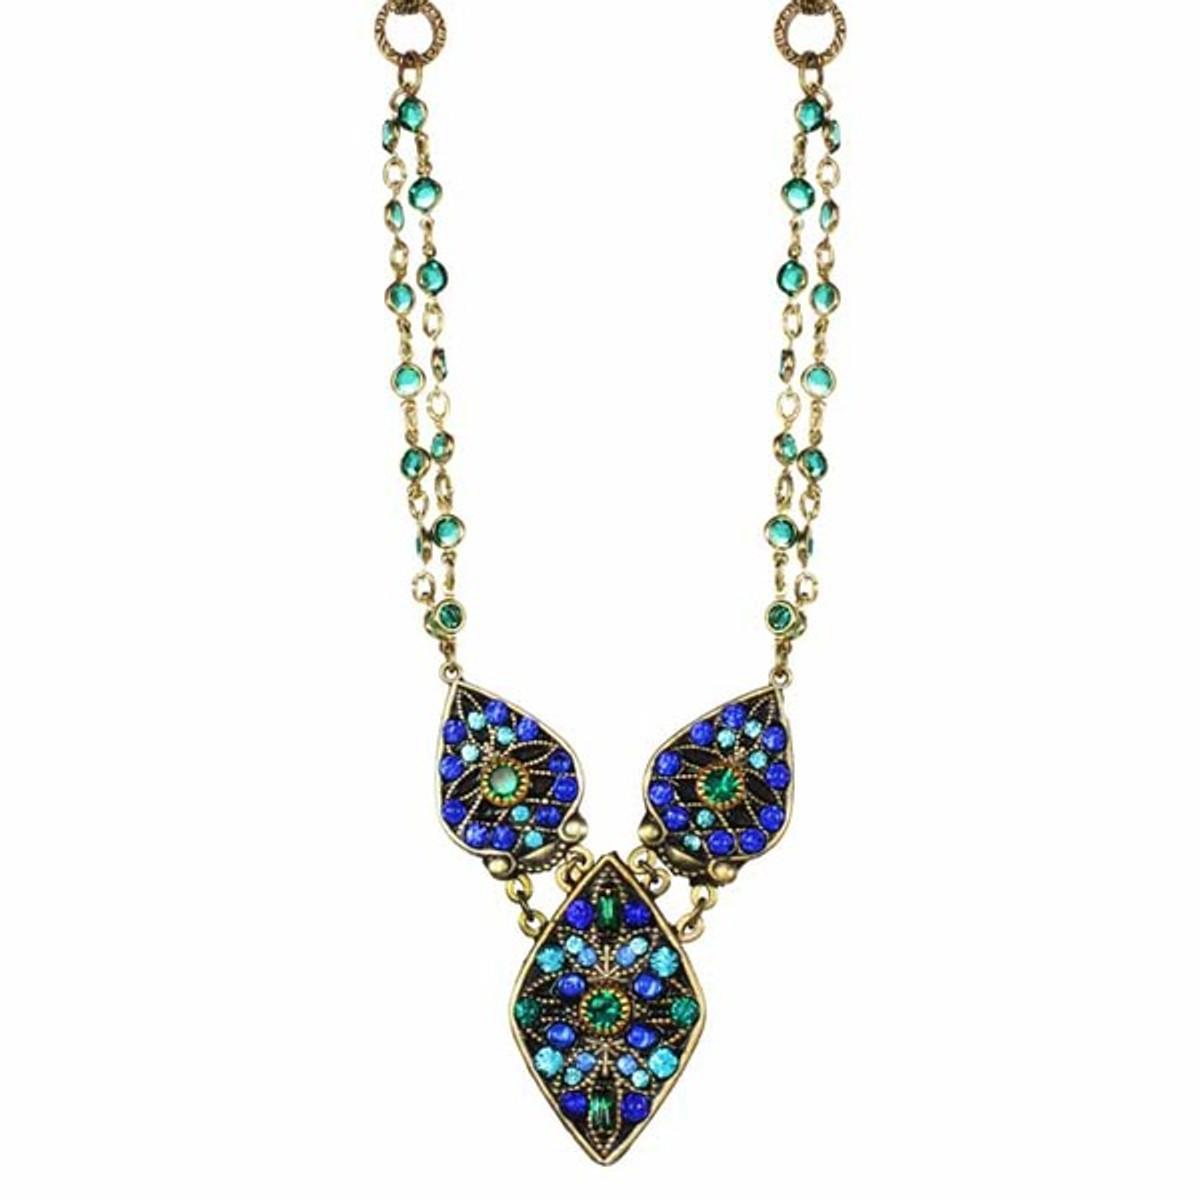 Michal Golan - Peacock Necklace